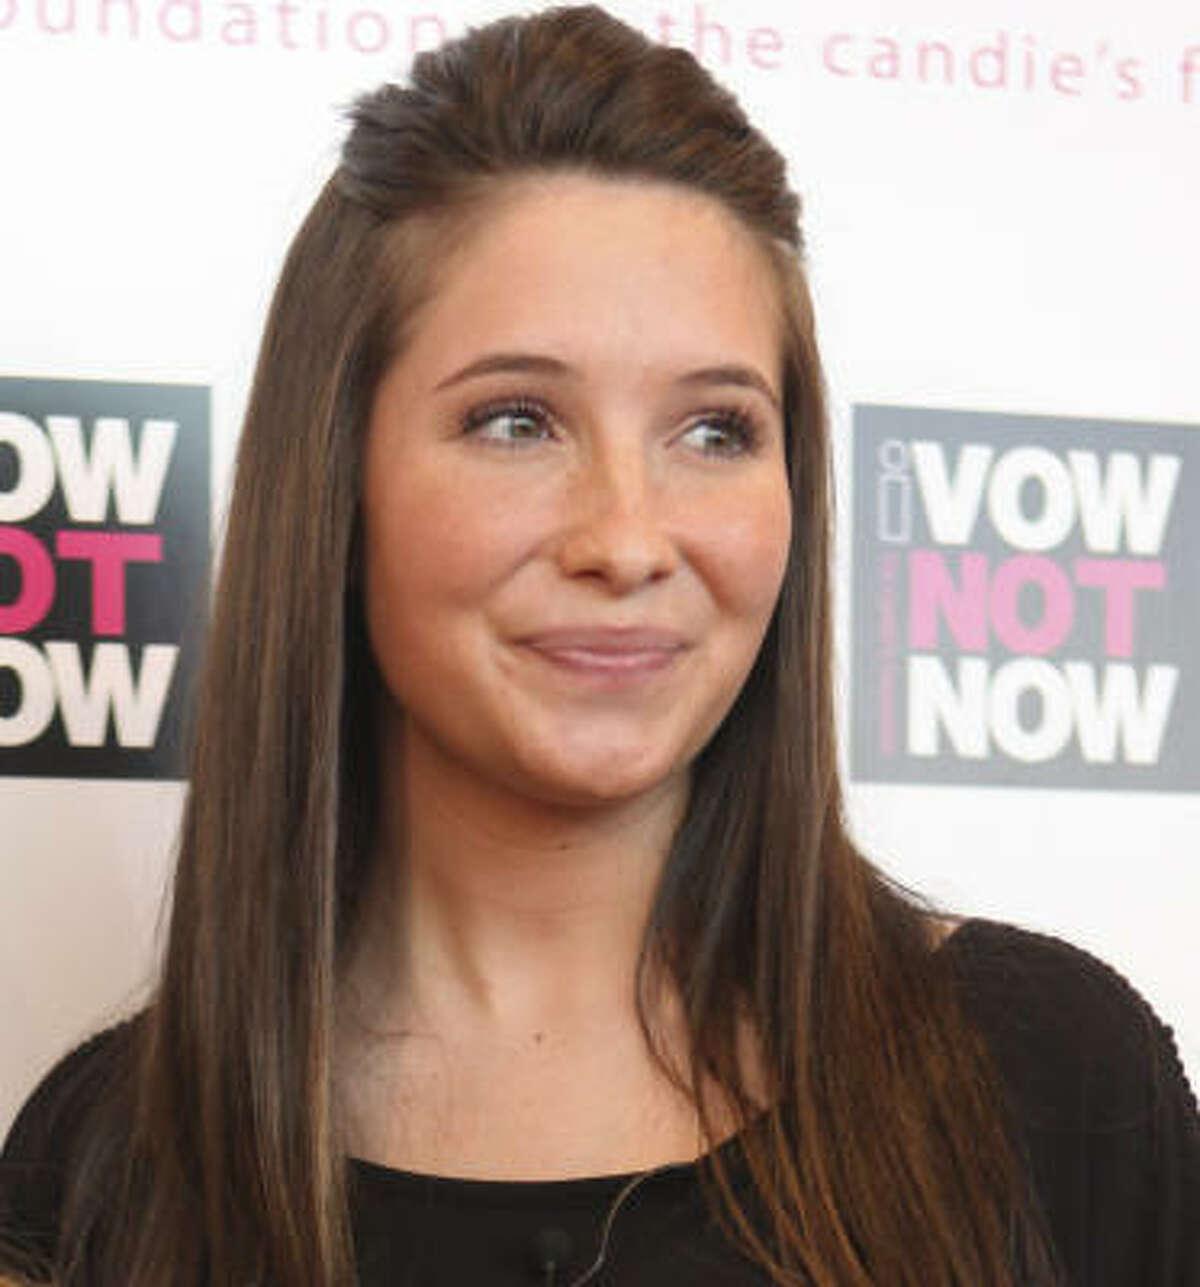 Bristol Palin, daughter of former Alaska Gov. Sarah Palin